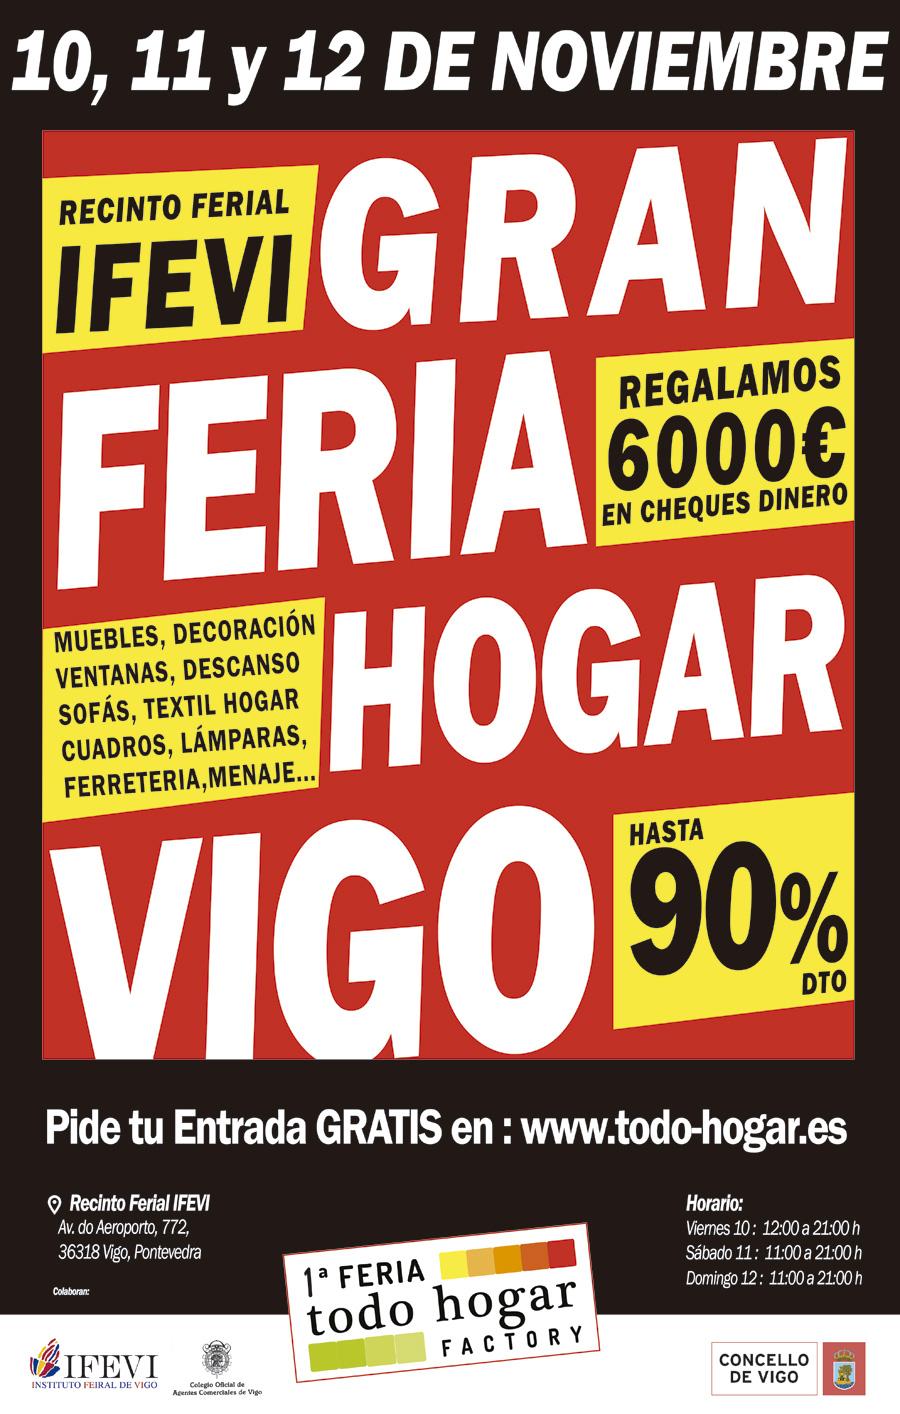 1 feria hogar factory ifevi instituto ferial de vigo for Decoracion hogar vigo